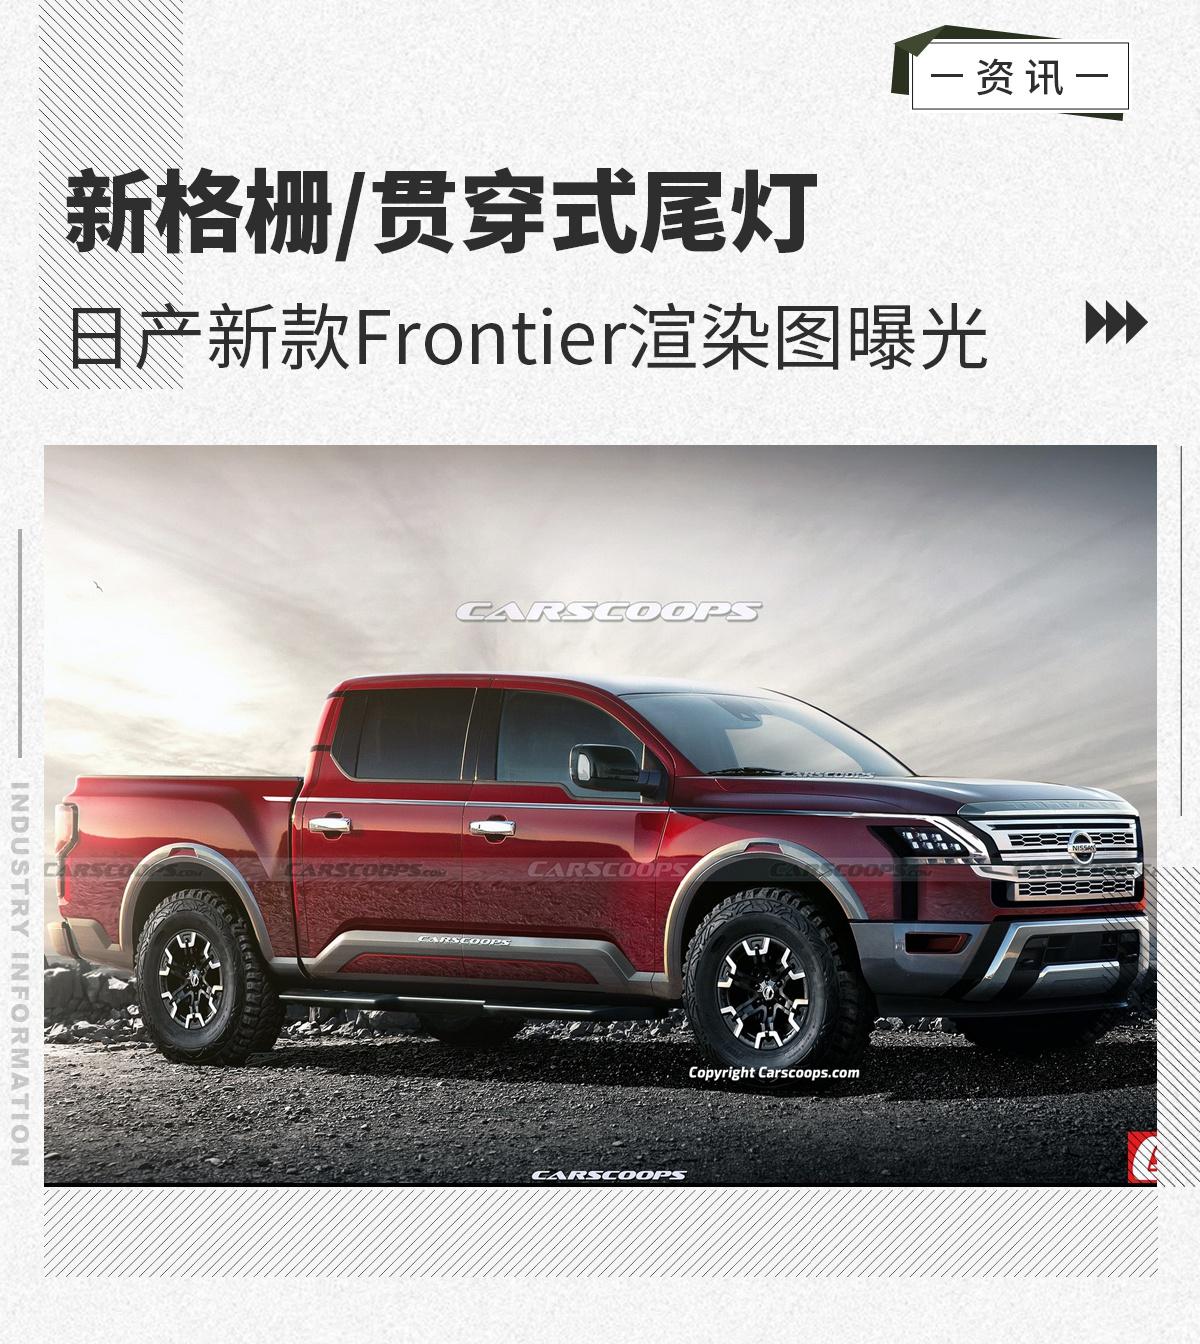 日产新款Frontier渲染图曝光 新格栅/贯穿式尾灯